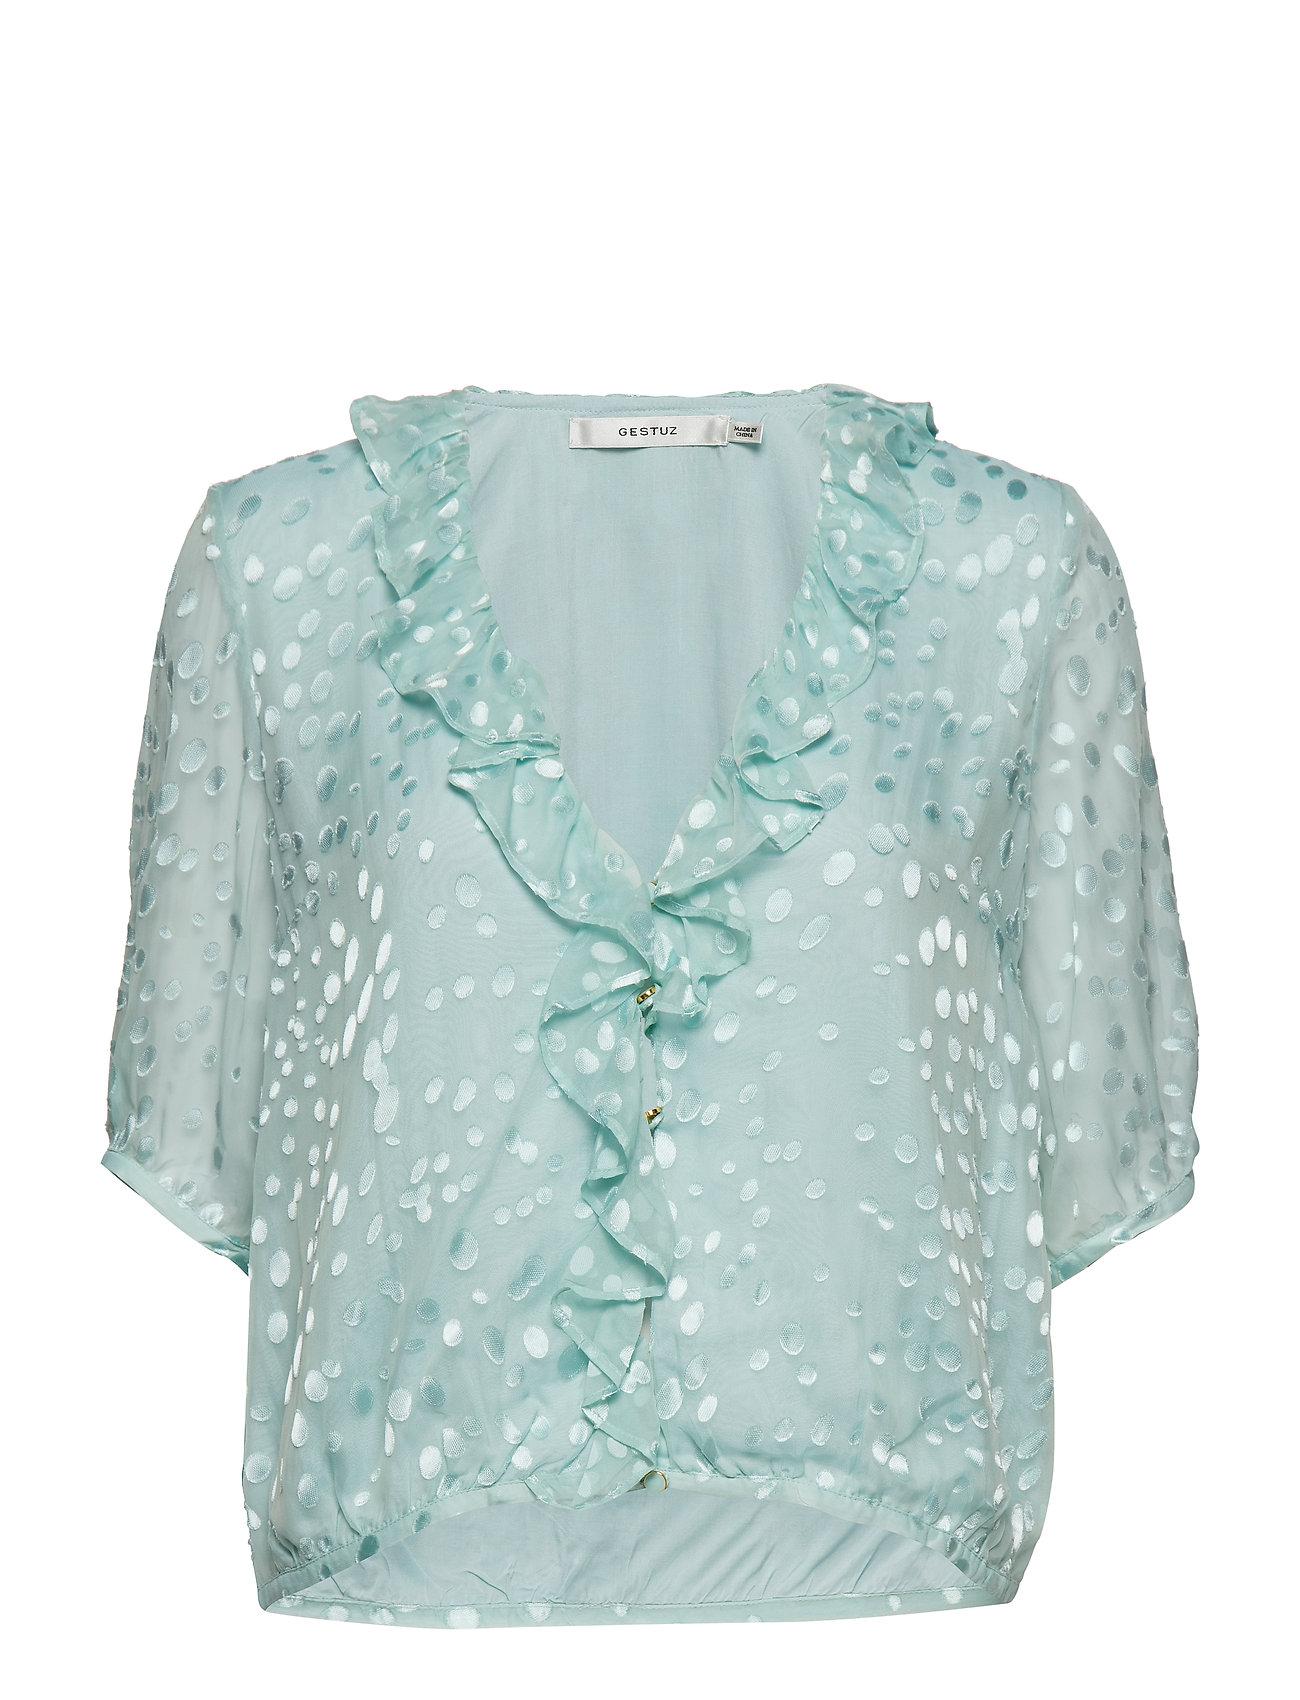 Gestuz Merika blouse MS19 Ögrönlar